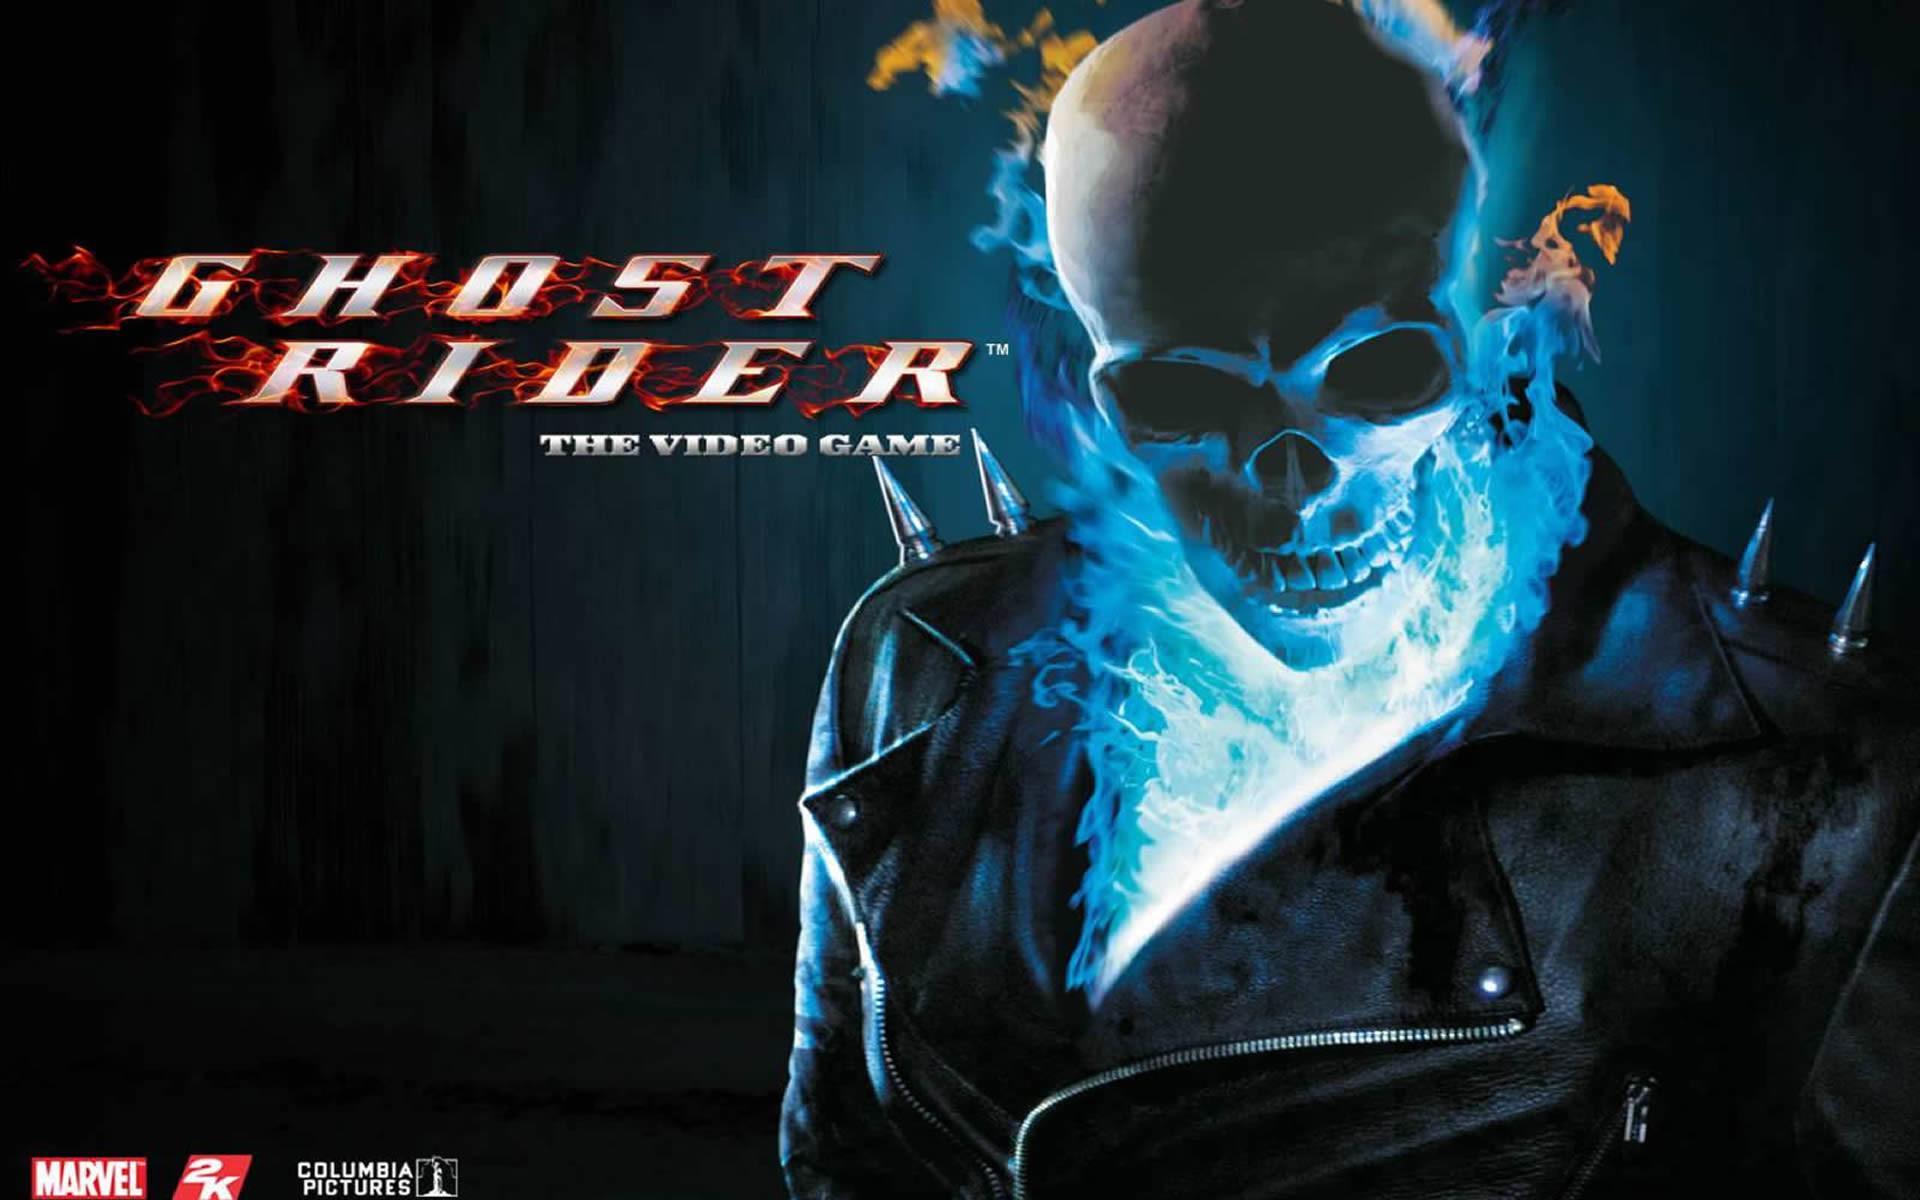 Ghost Rider Skull Wallpapers – https://hdwallpapersf.com/ghost-rider